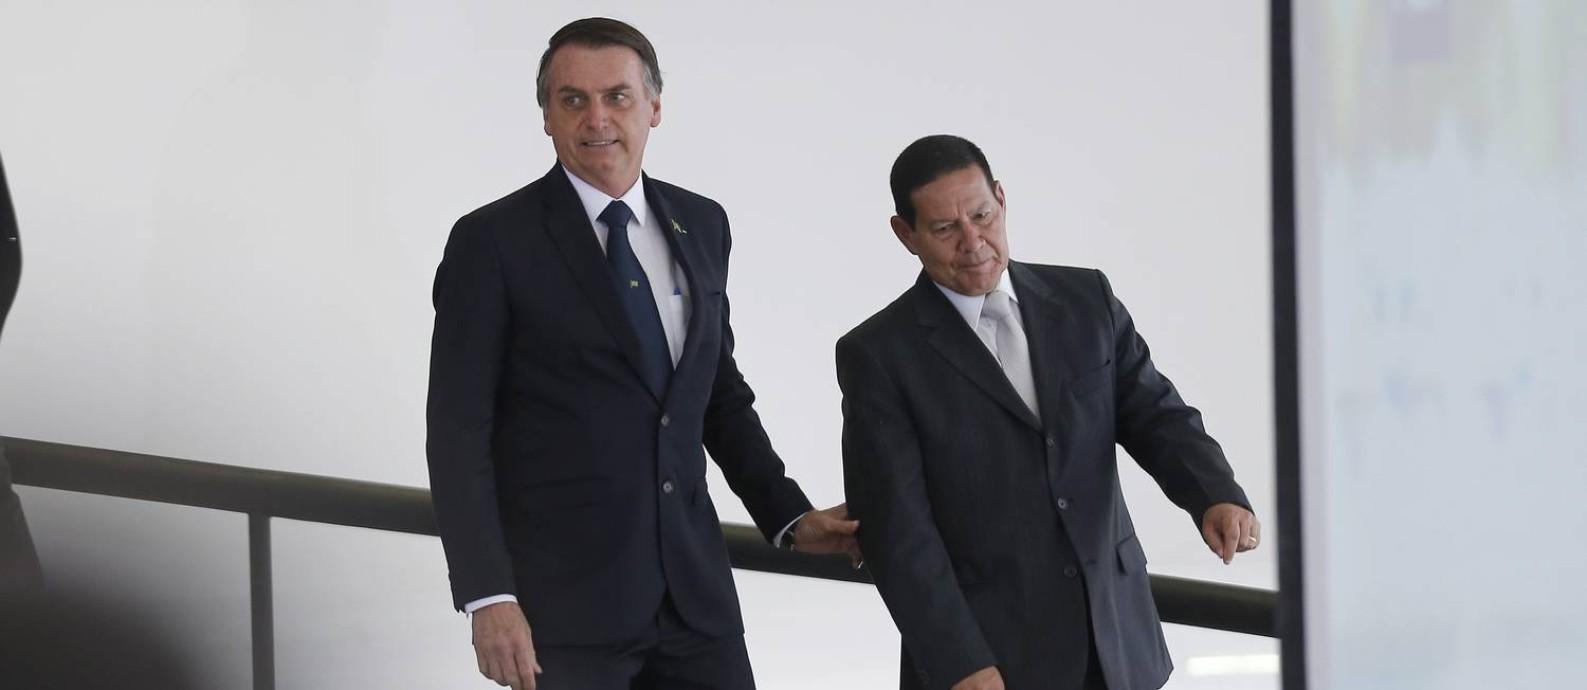 O presidente Jair Bolsonaro e o vice Hamilton Mourão Foto: Jorge William / Agência O Globo